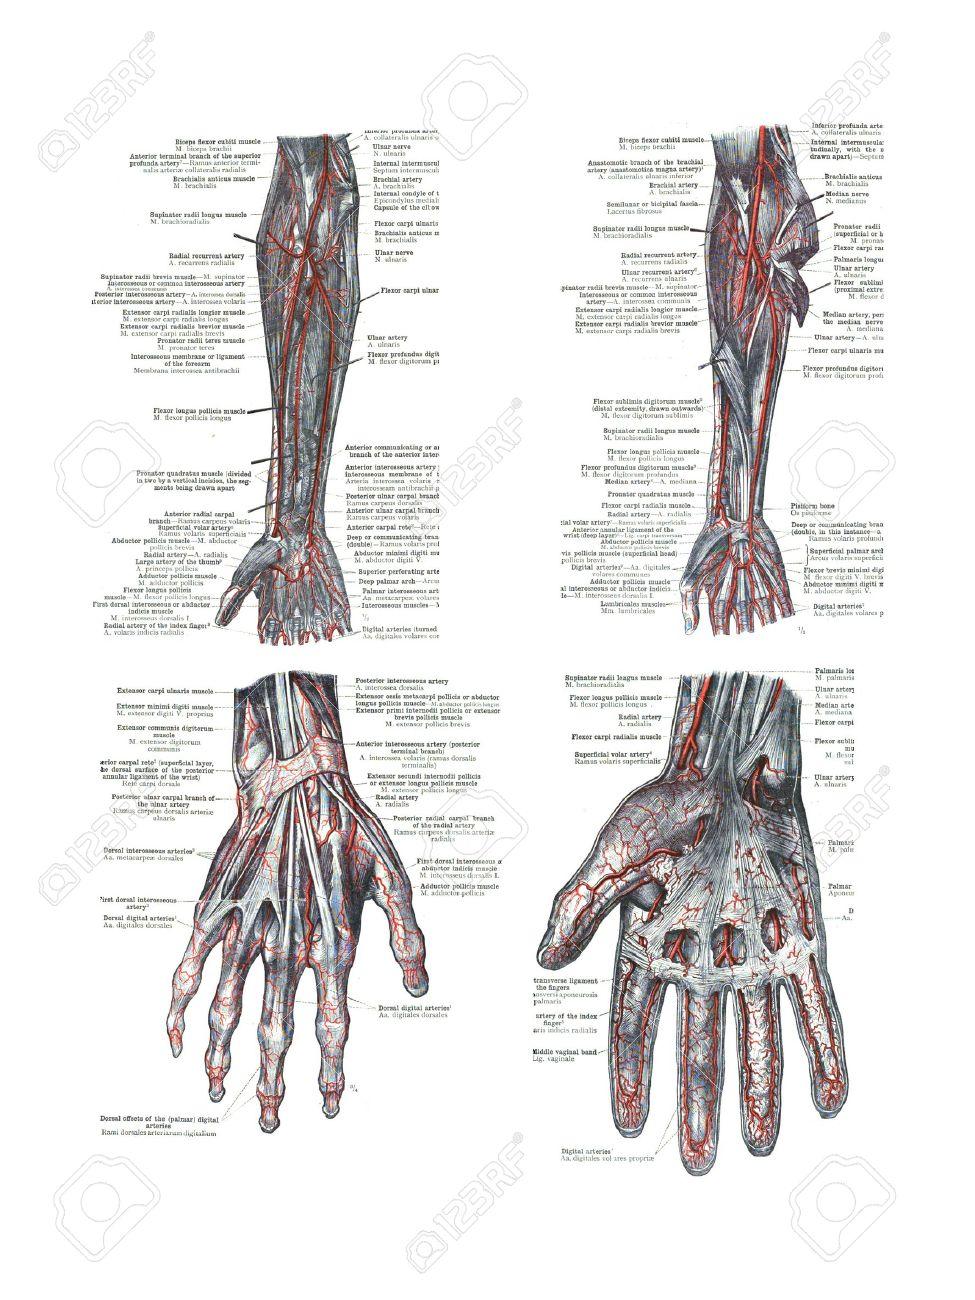 4 Vistas De La Mano Del Hombre Y El Brazo De Un Atlas De Anatomía ...